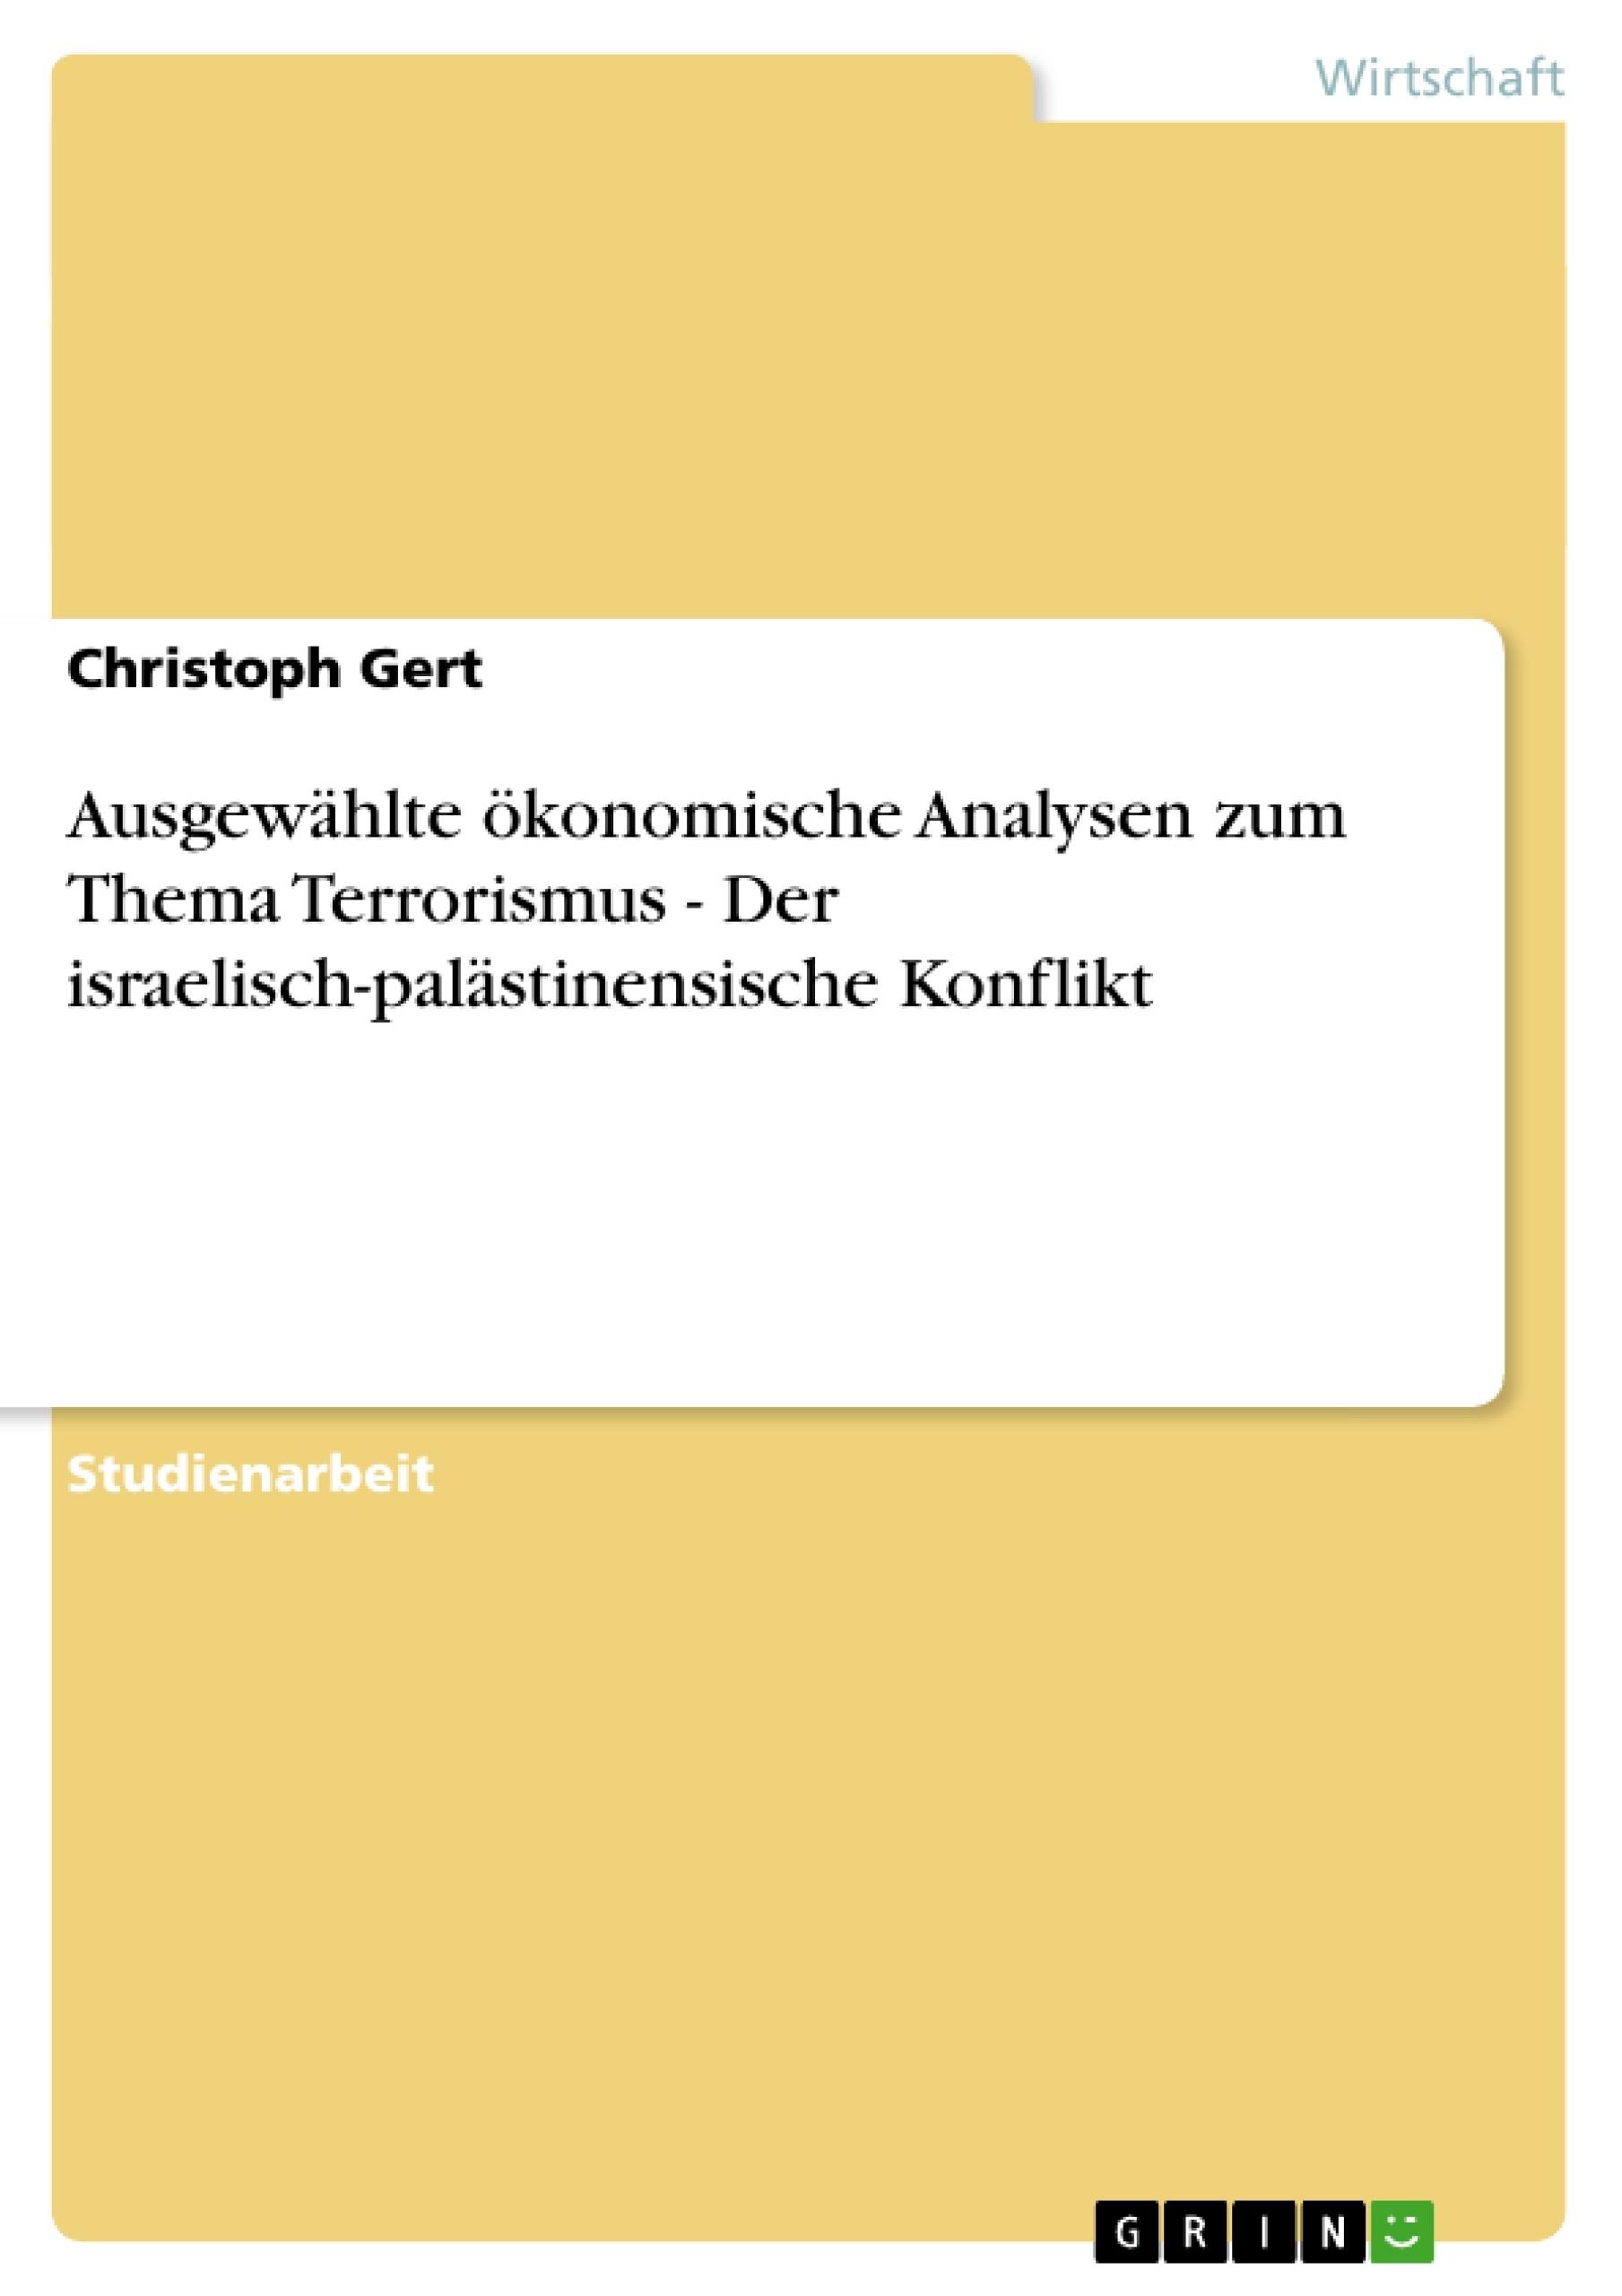 Titel: Ausgewählte ökonomische Analysen zum Thema Terrorismus - Der israelisch-palästinensische Konflikt